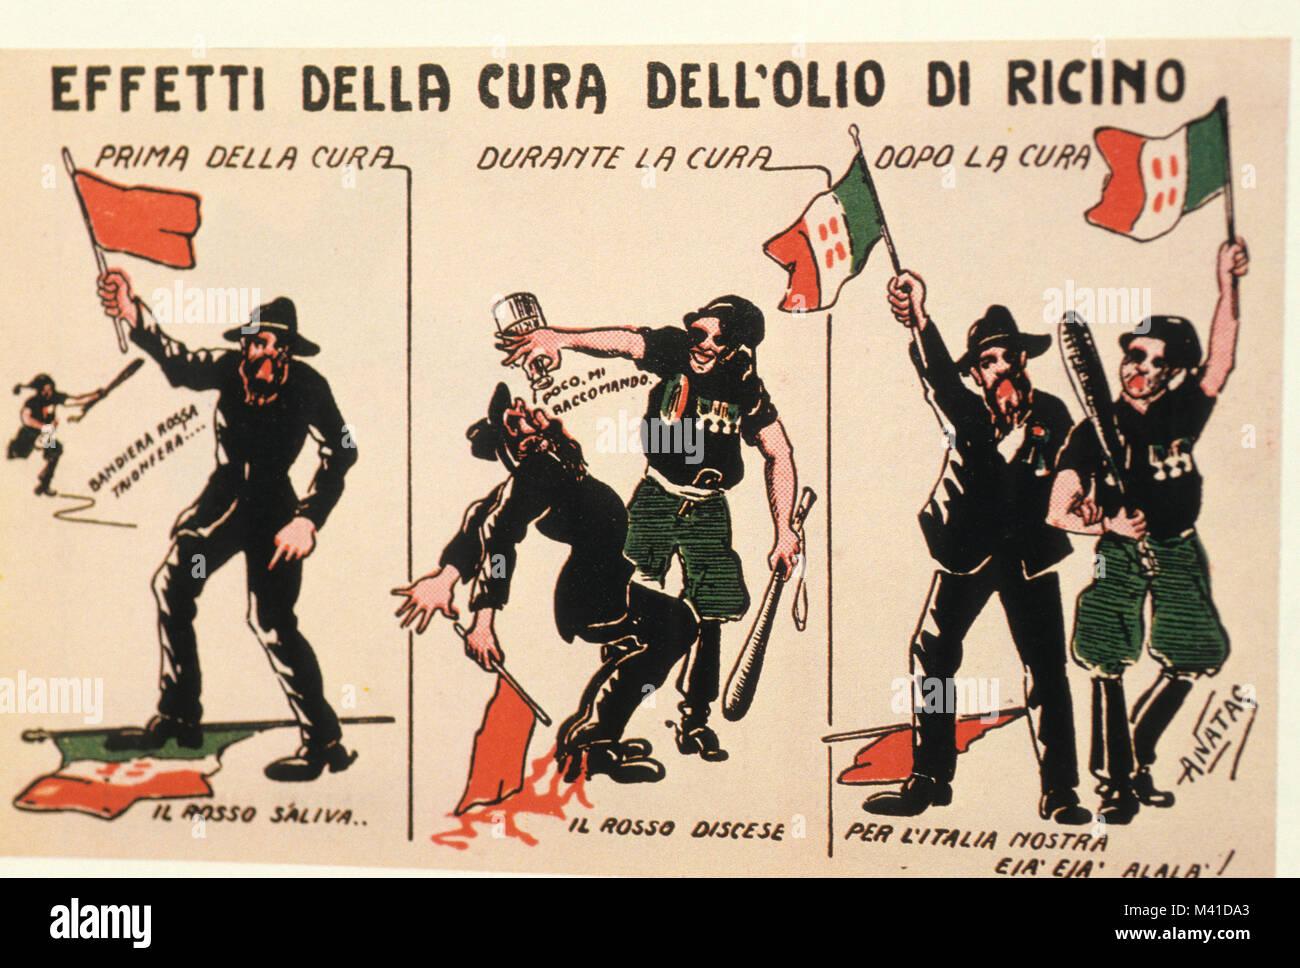 effects of castor oil, Fascist postcard, 1921 Stock Photo